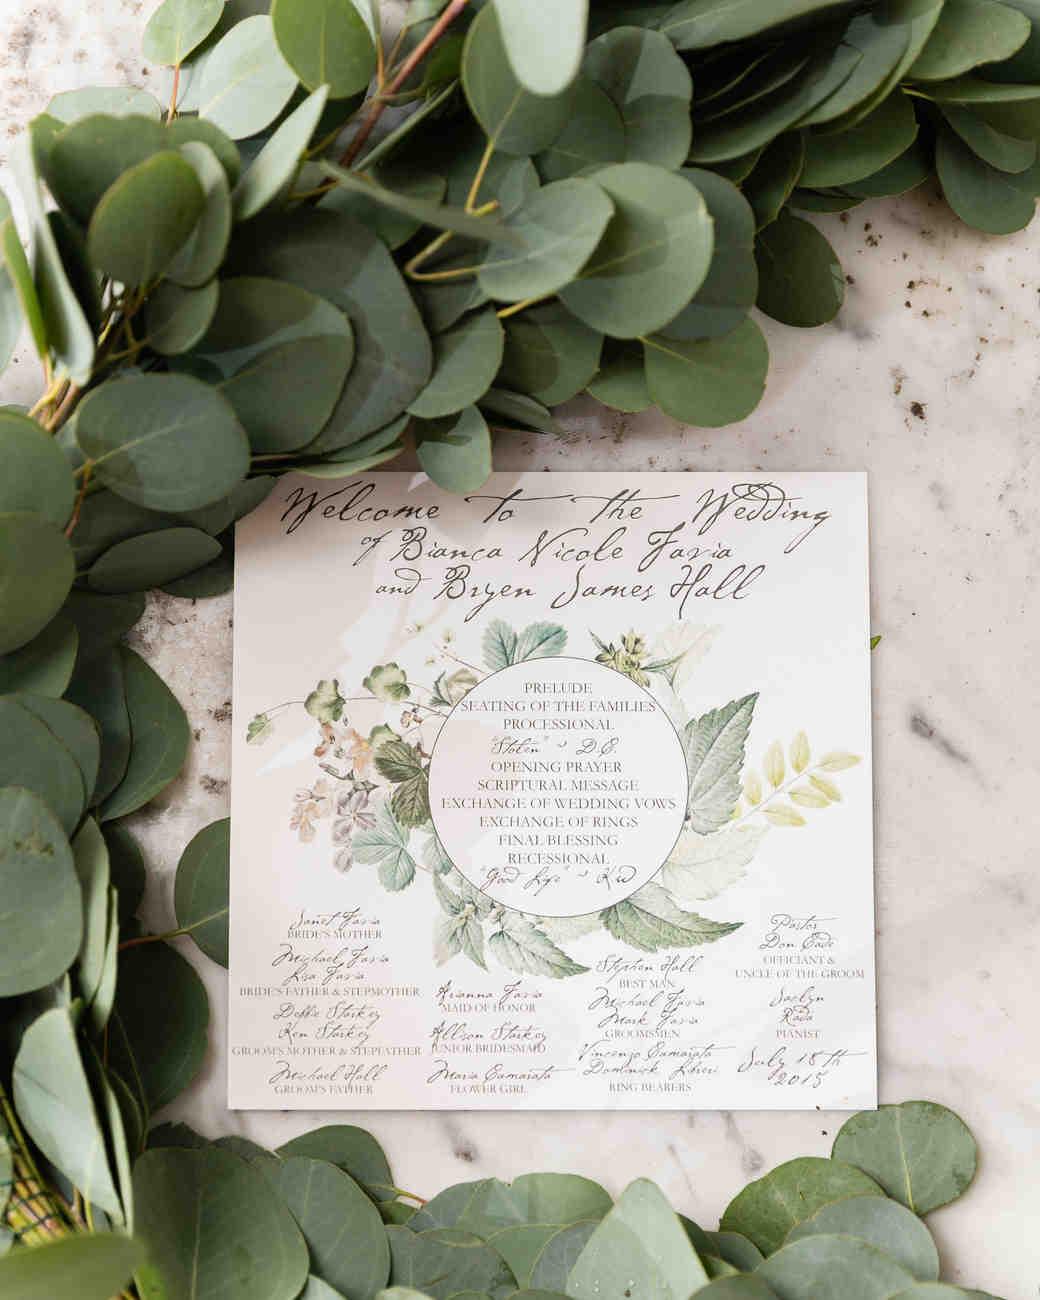 bianca-bryen-wedding-program-197-s112509-0216.jpg